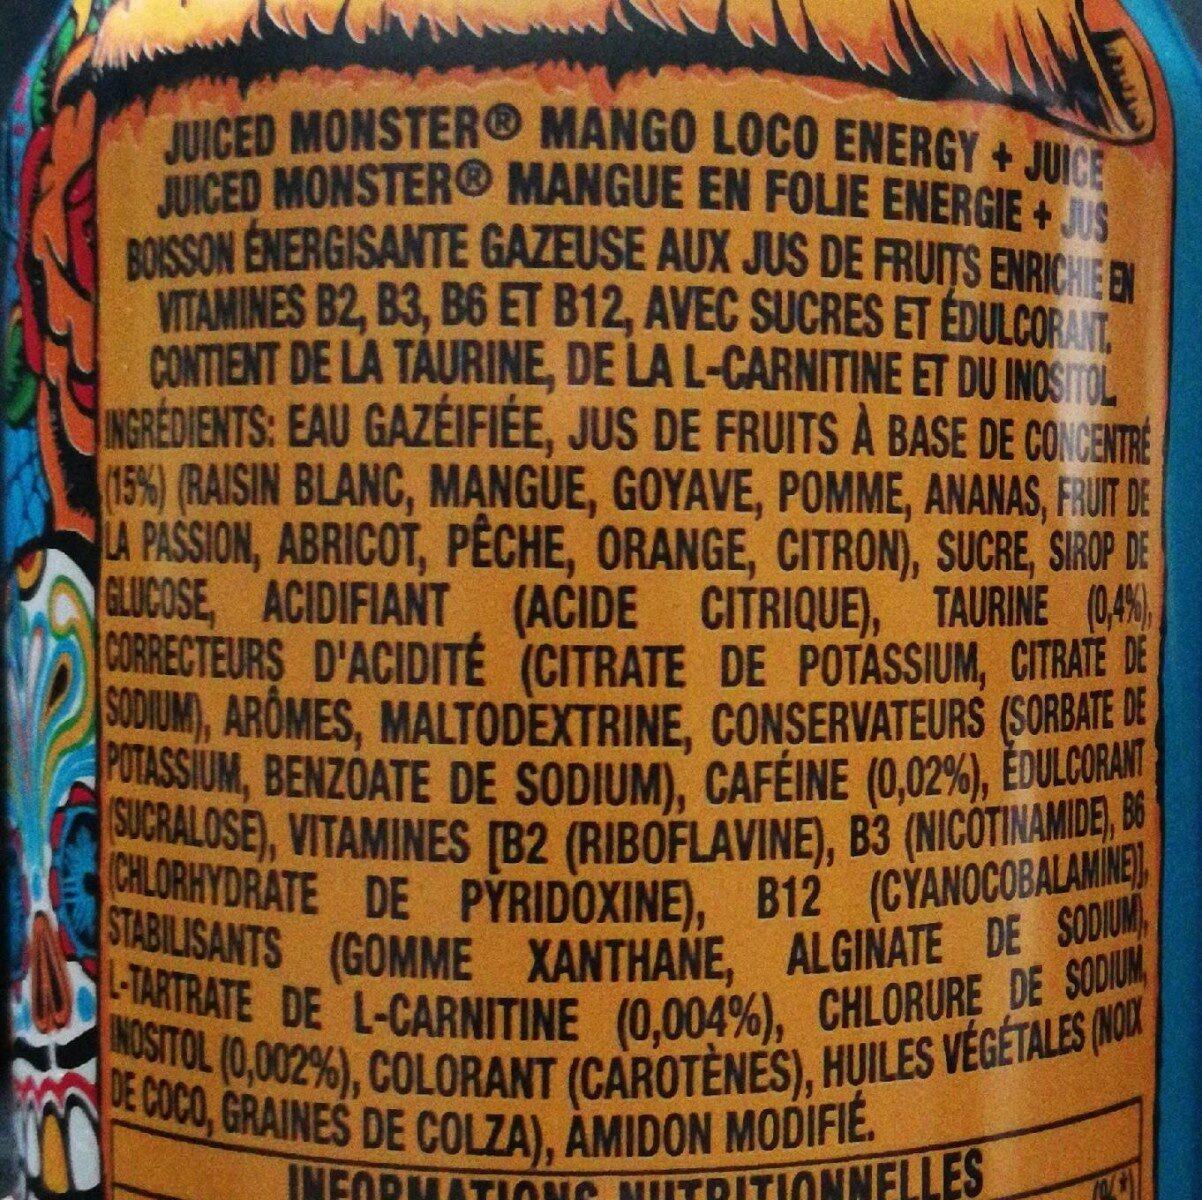 Juiced - Mango loco - Ingrédients